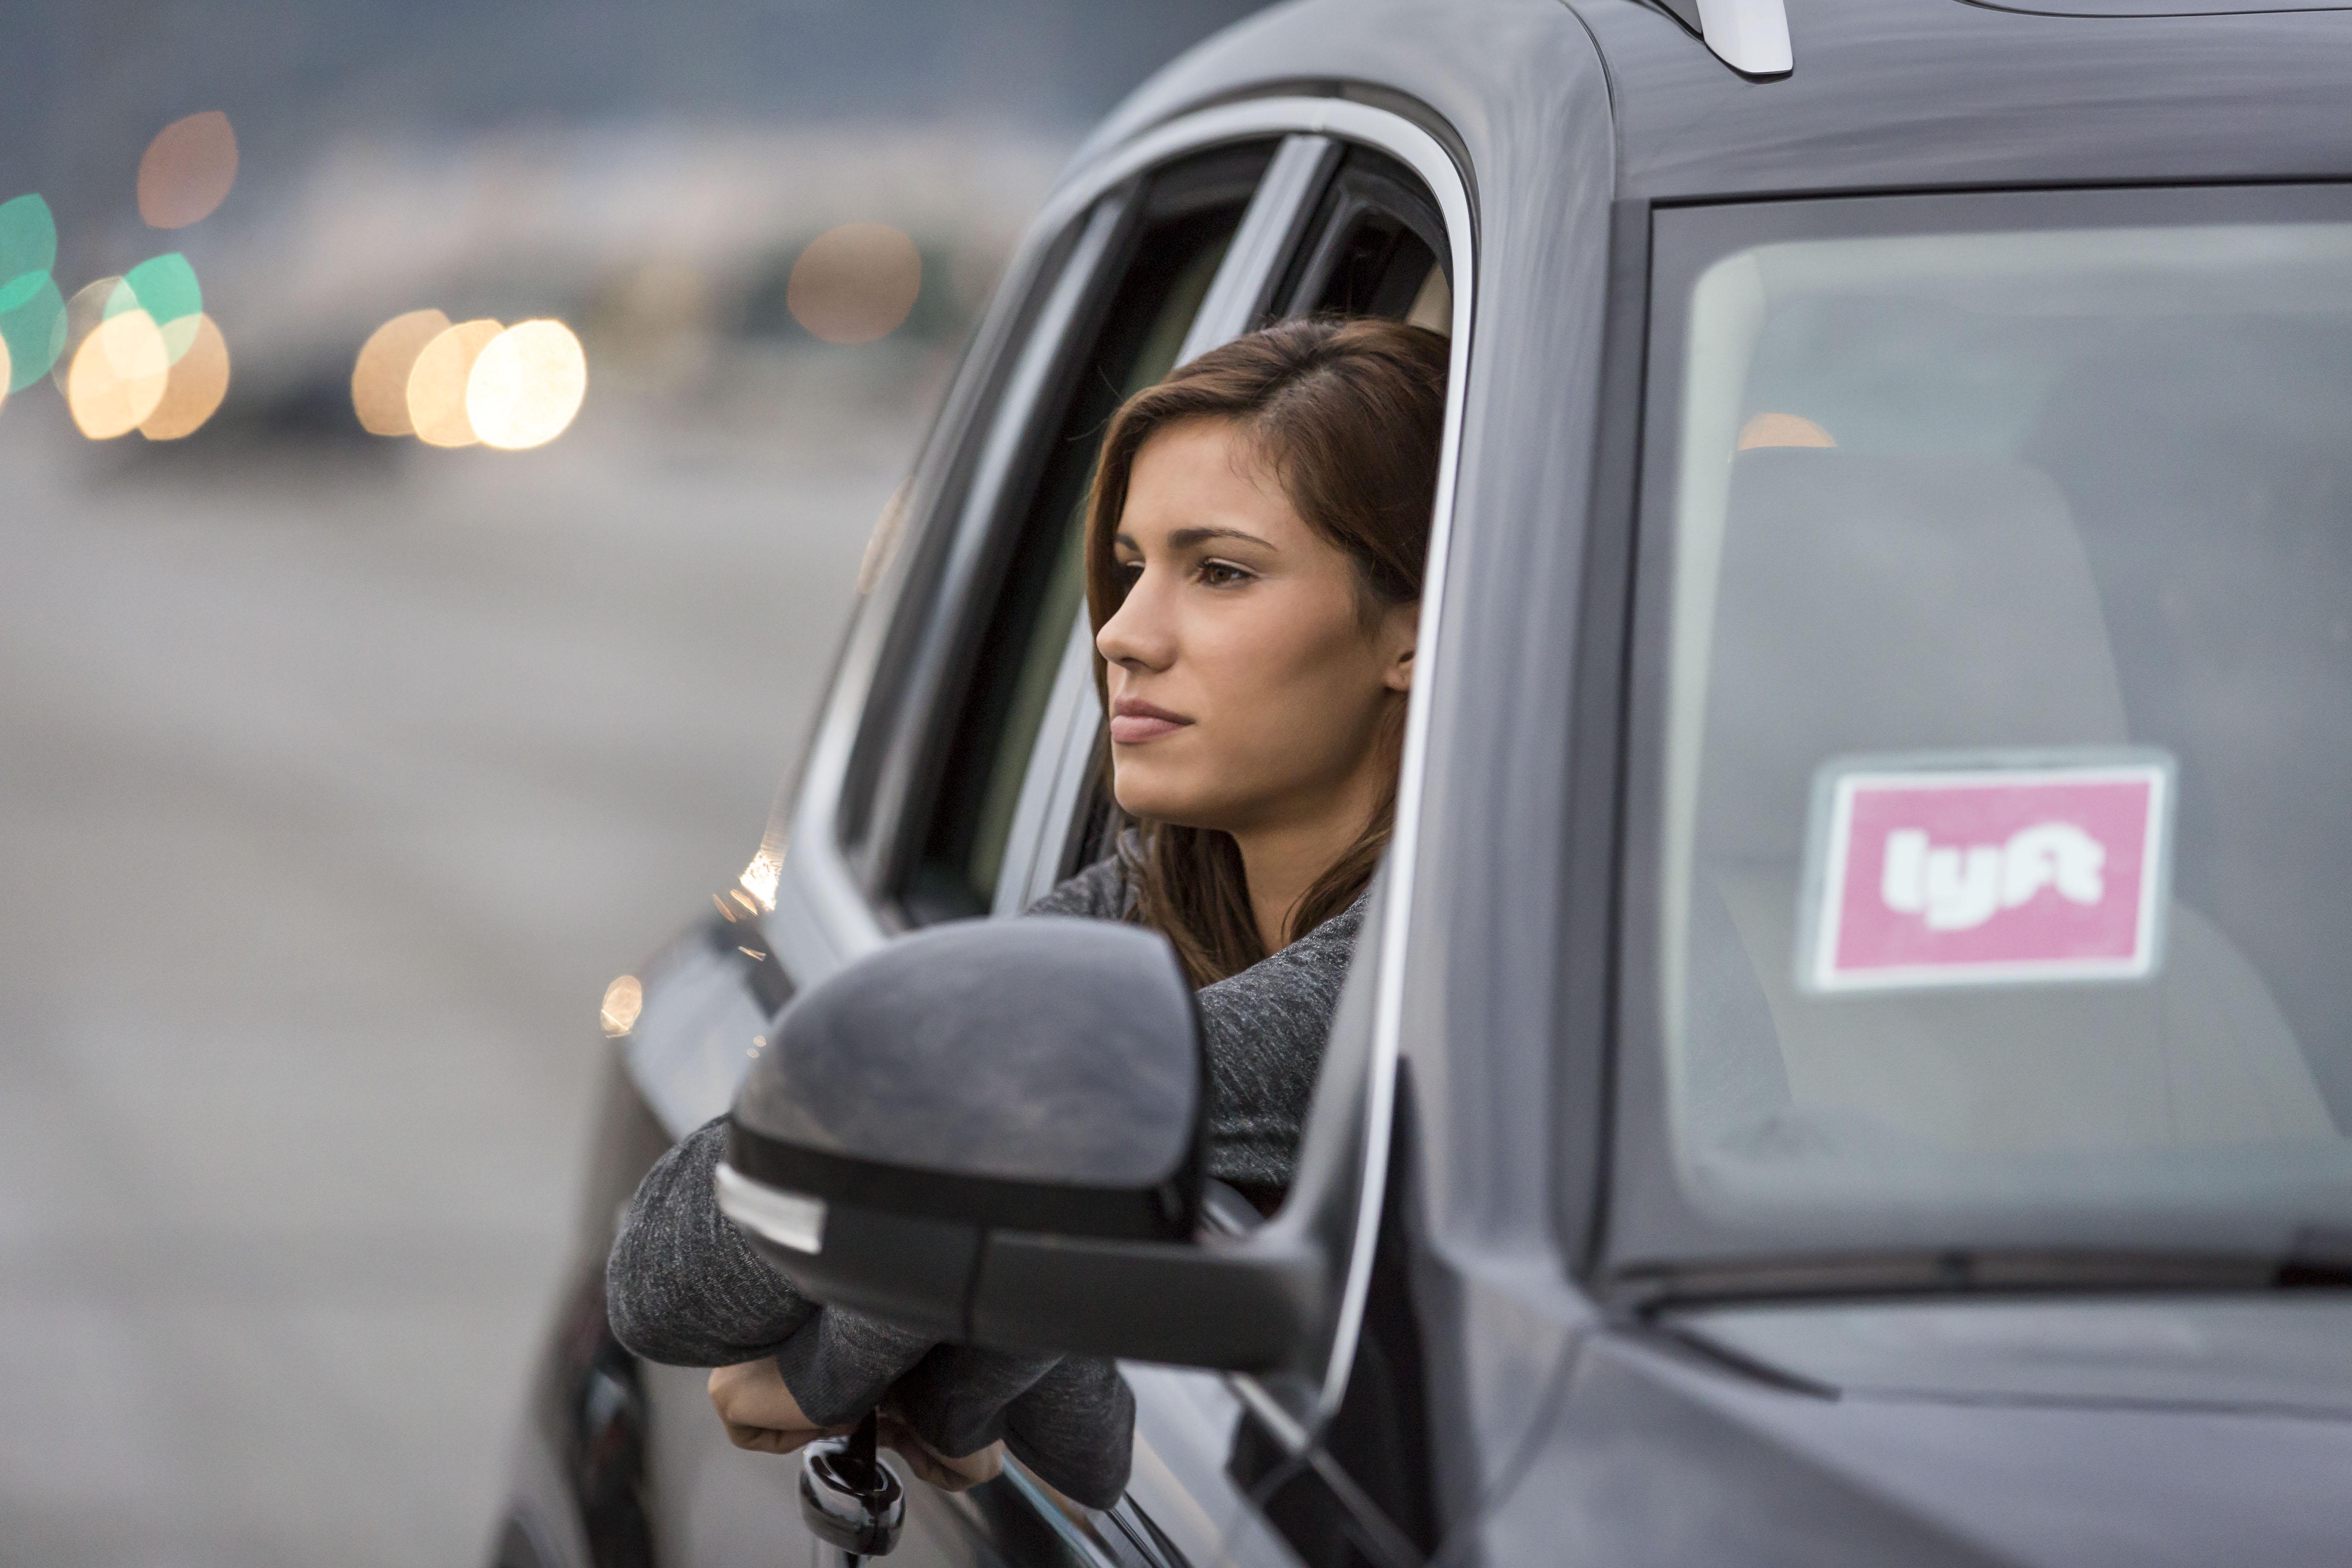 Lyft, Now Worth $5 5 Billion, Hops Into The Autonomous Car